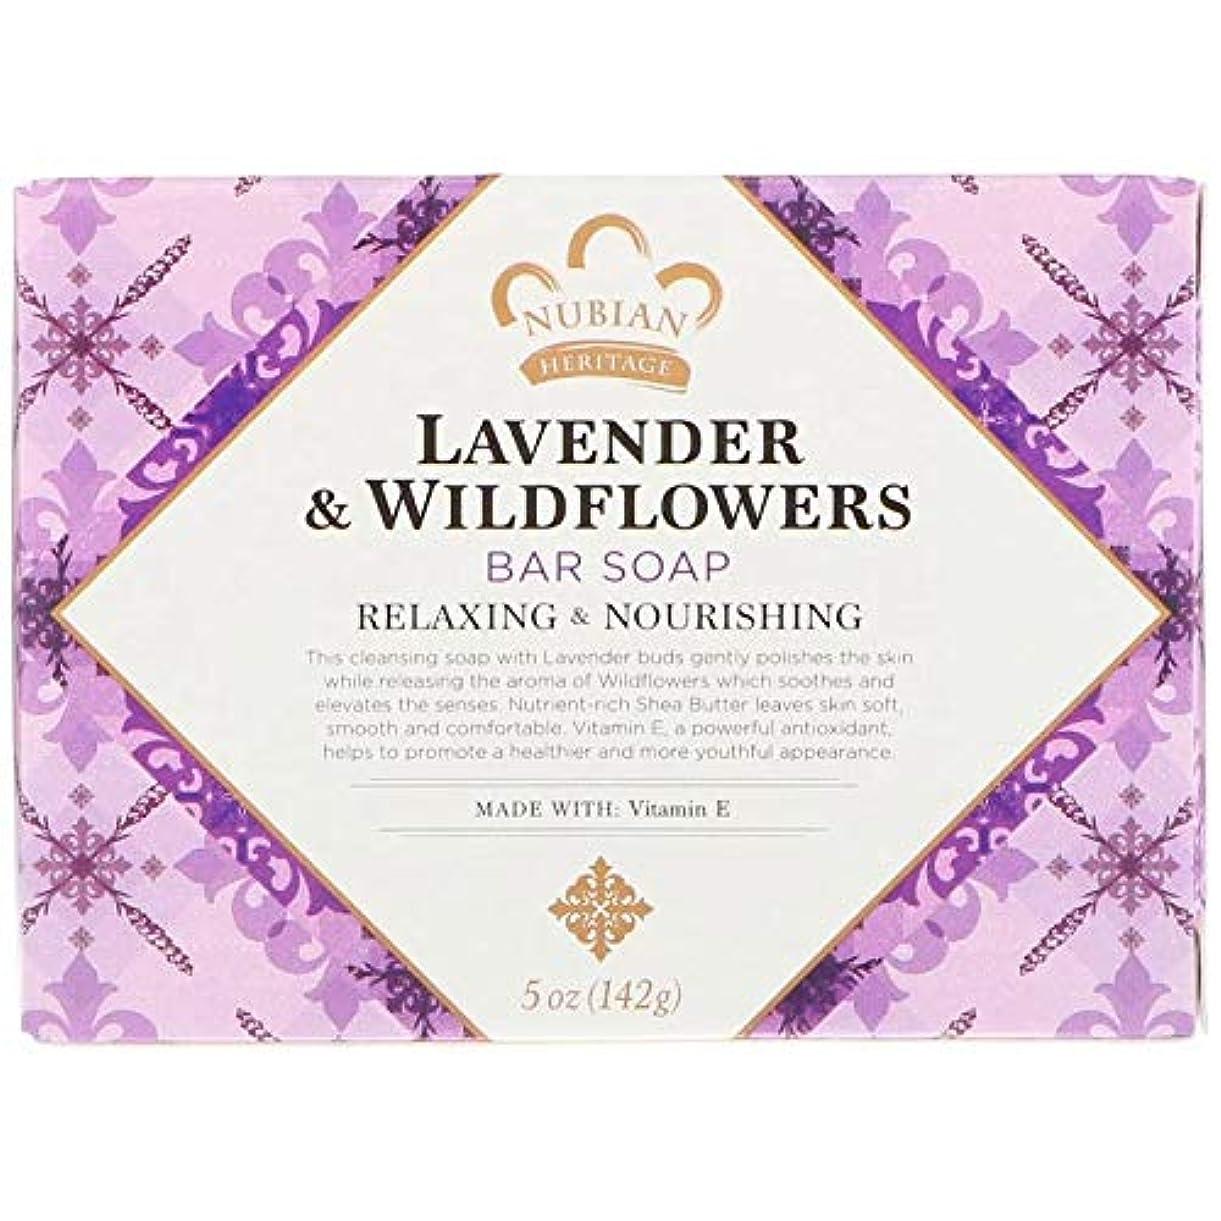 観客スカープ等々シアバターソープ石鹸 ラベンダー&ワイルドフラワー Lavender & Wildflowers Bar Soap, 5 oz (142 g) [並行輸入品]